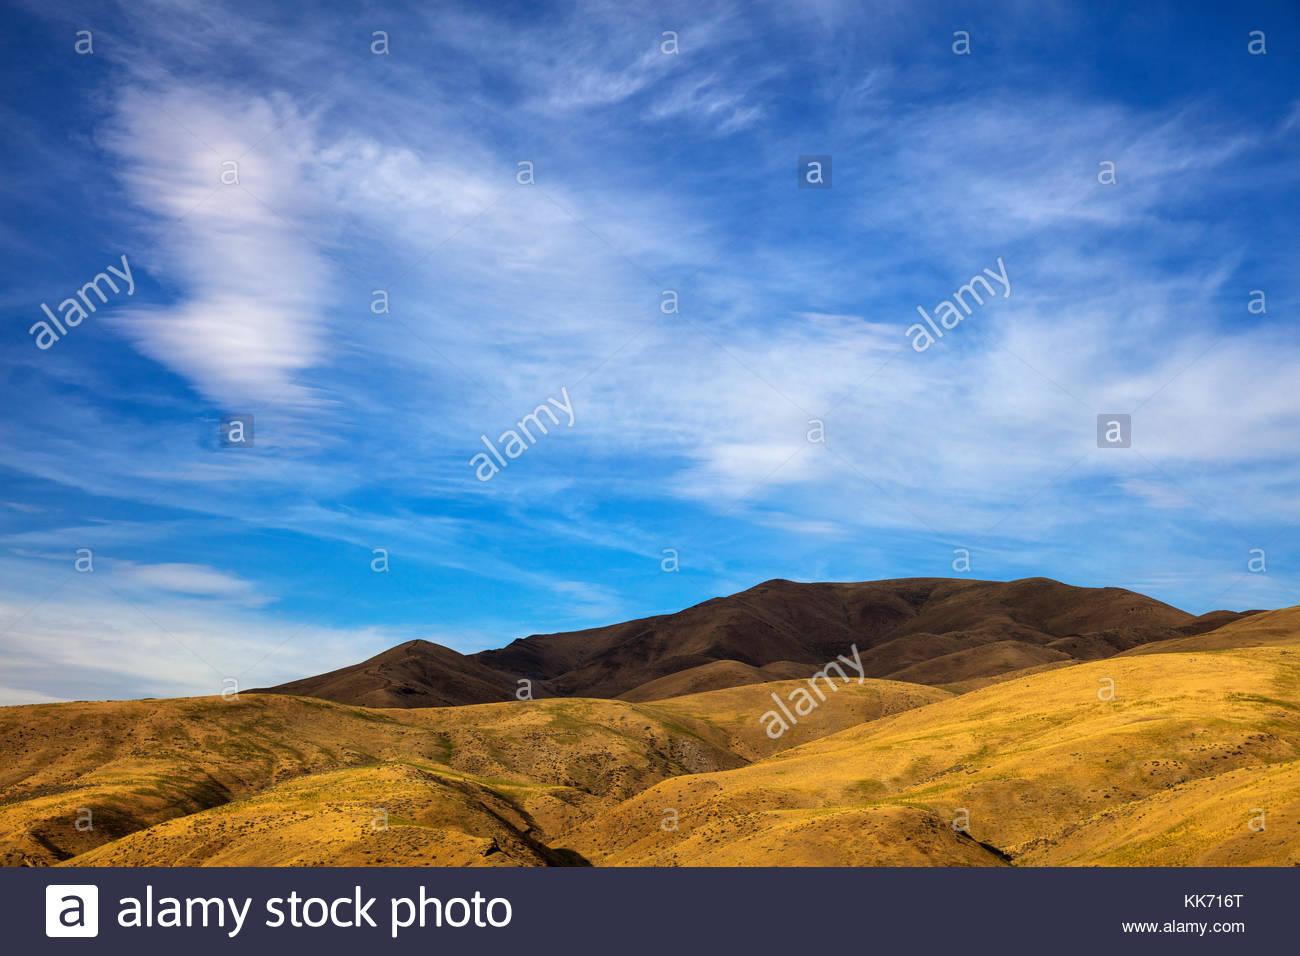 Le sommet de Dead Indian Ridge, situé dans le comté de Washington Washington, est dans l'ombre profonde Photo Stock